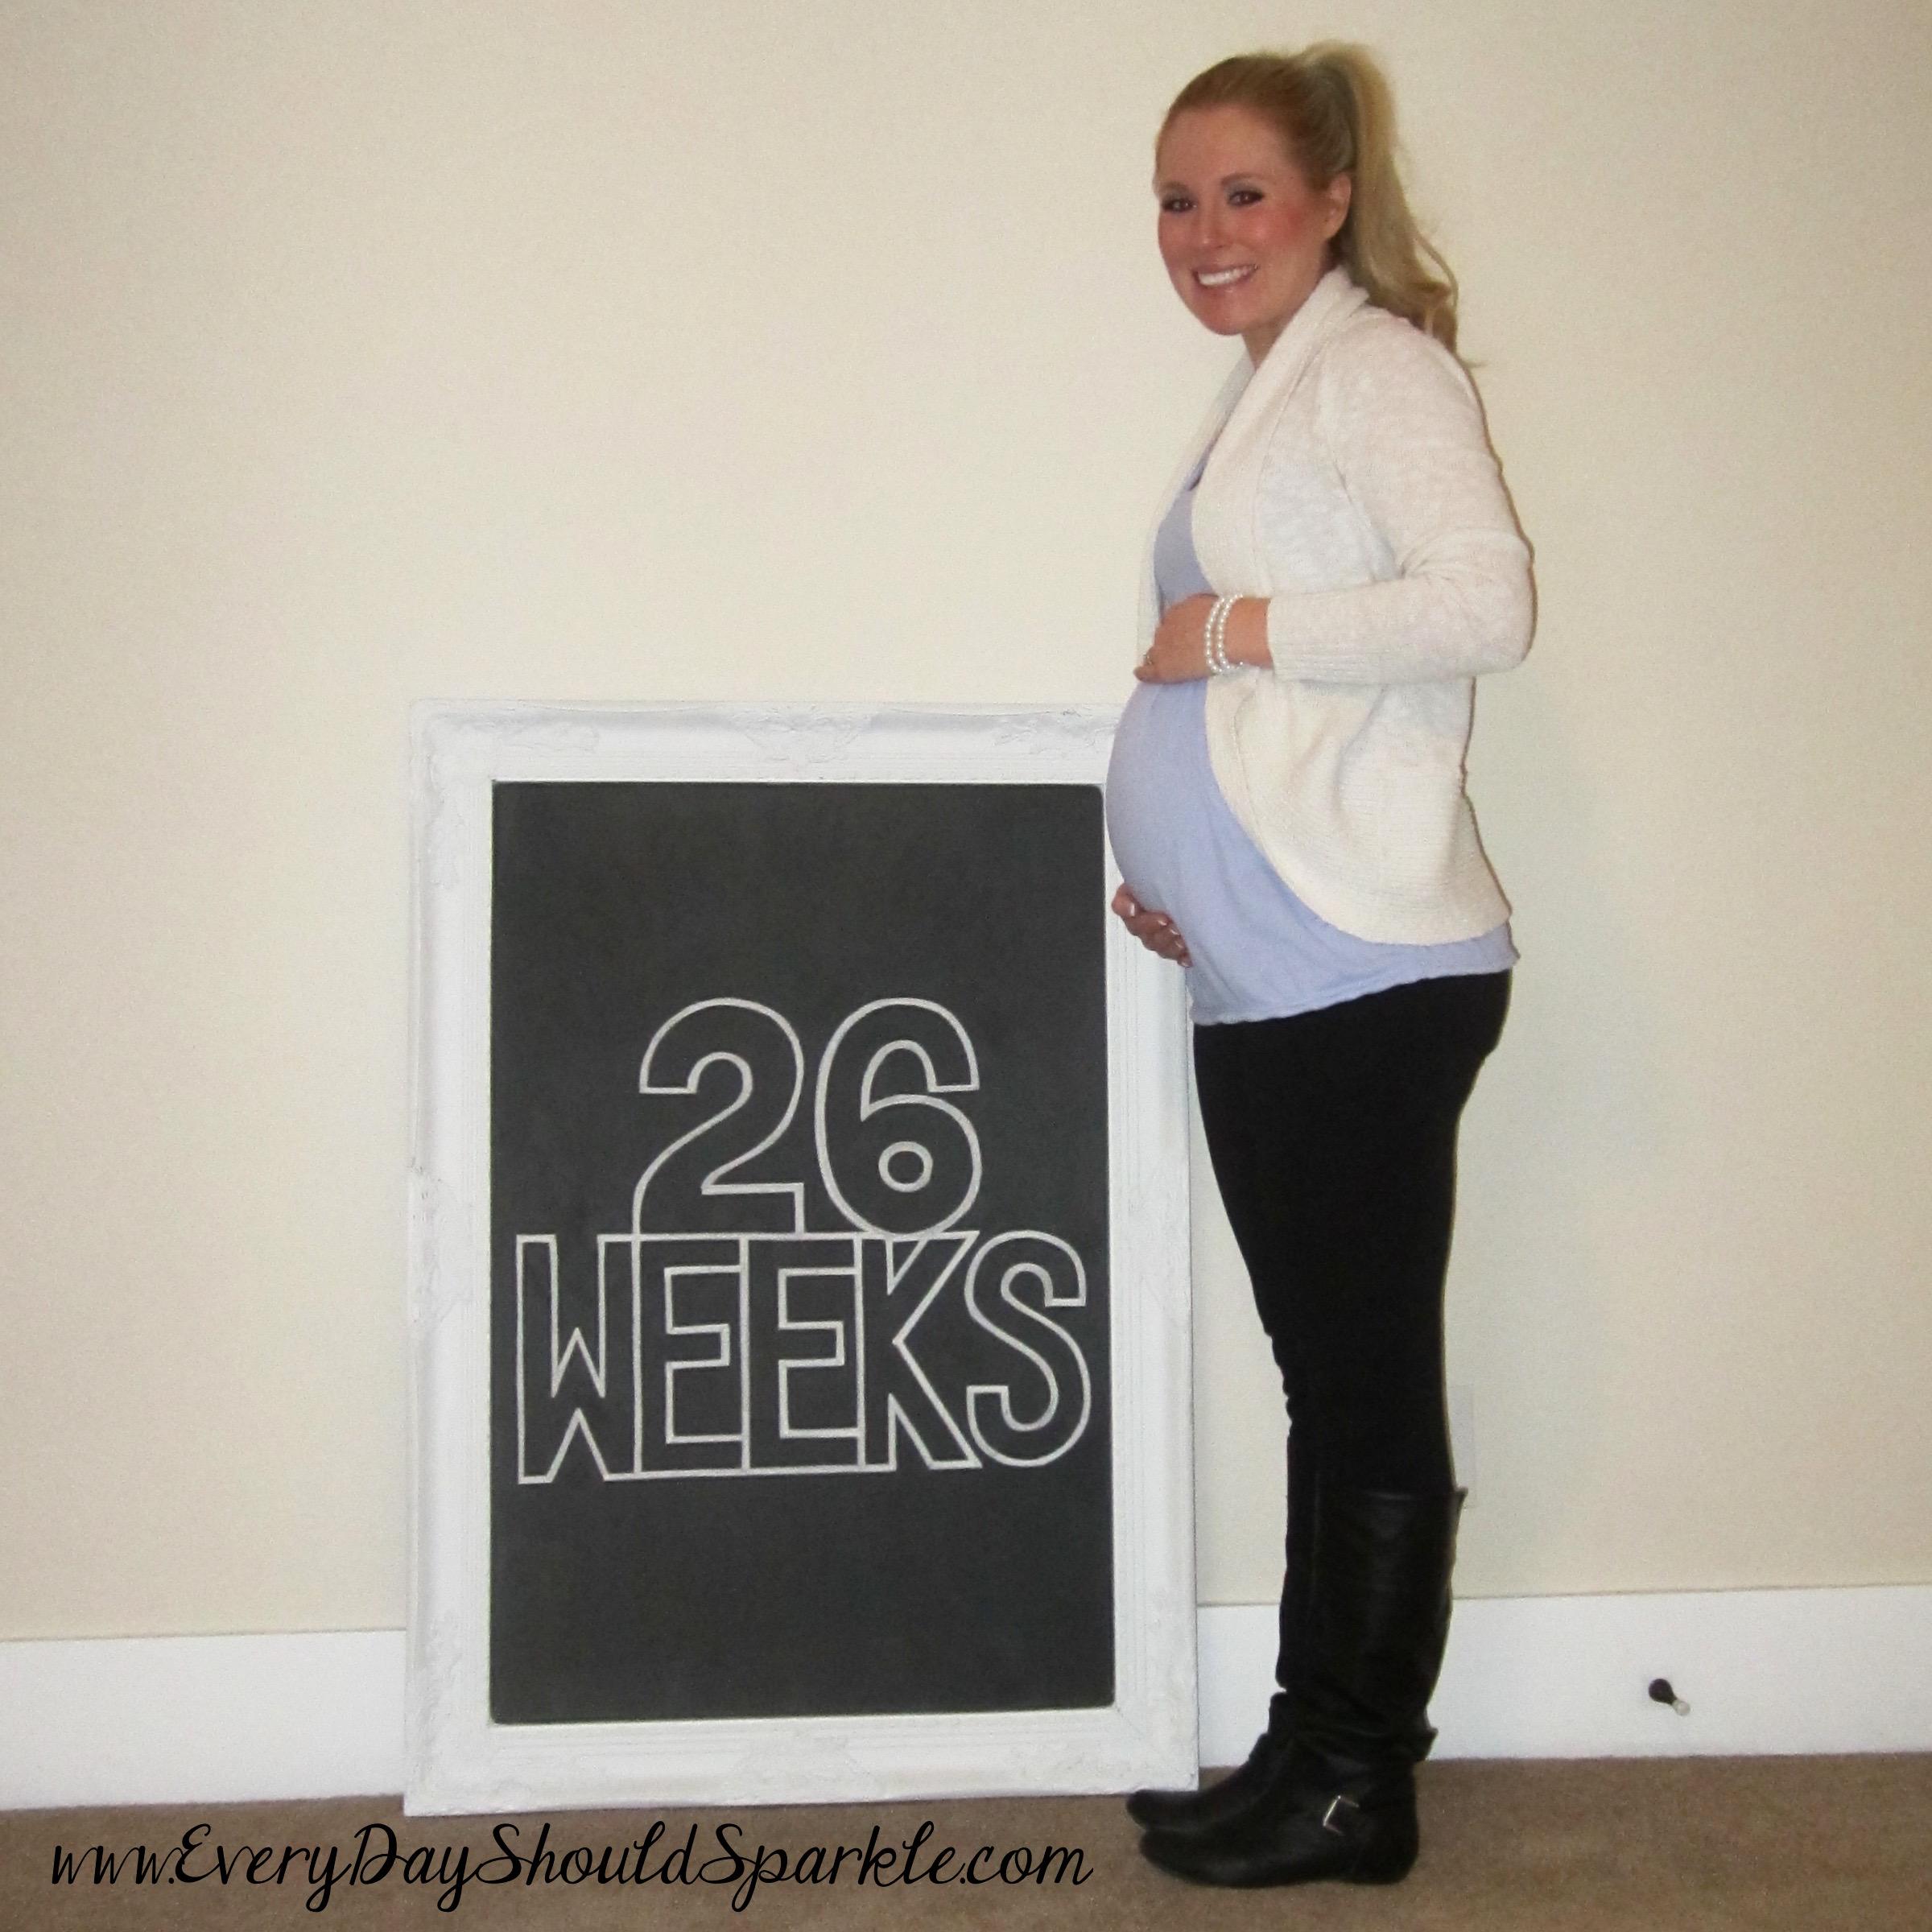 26 Weeks - Website